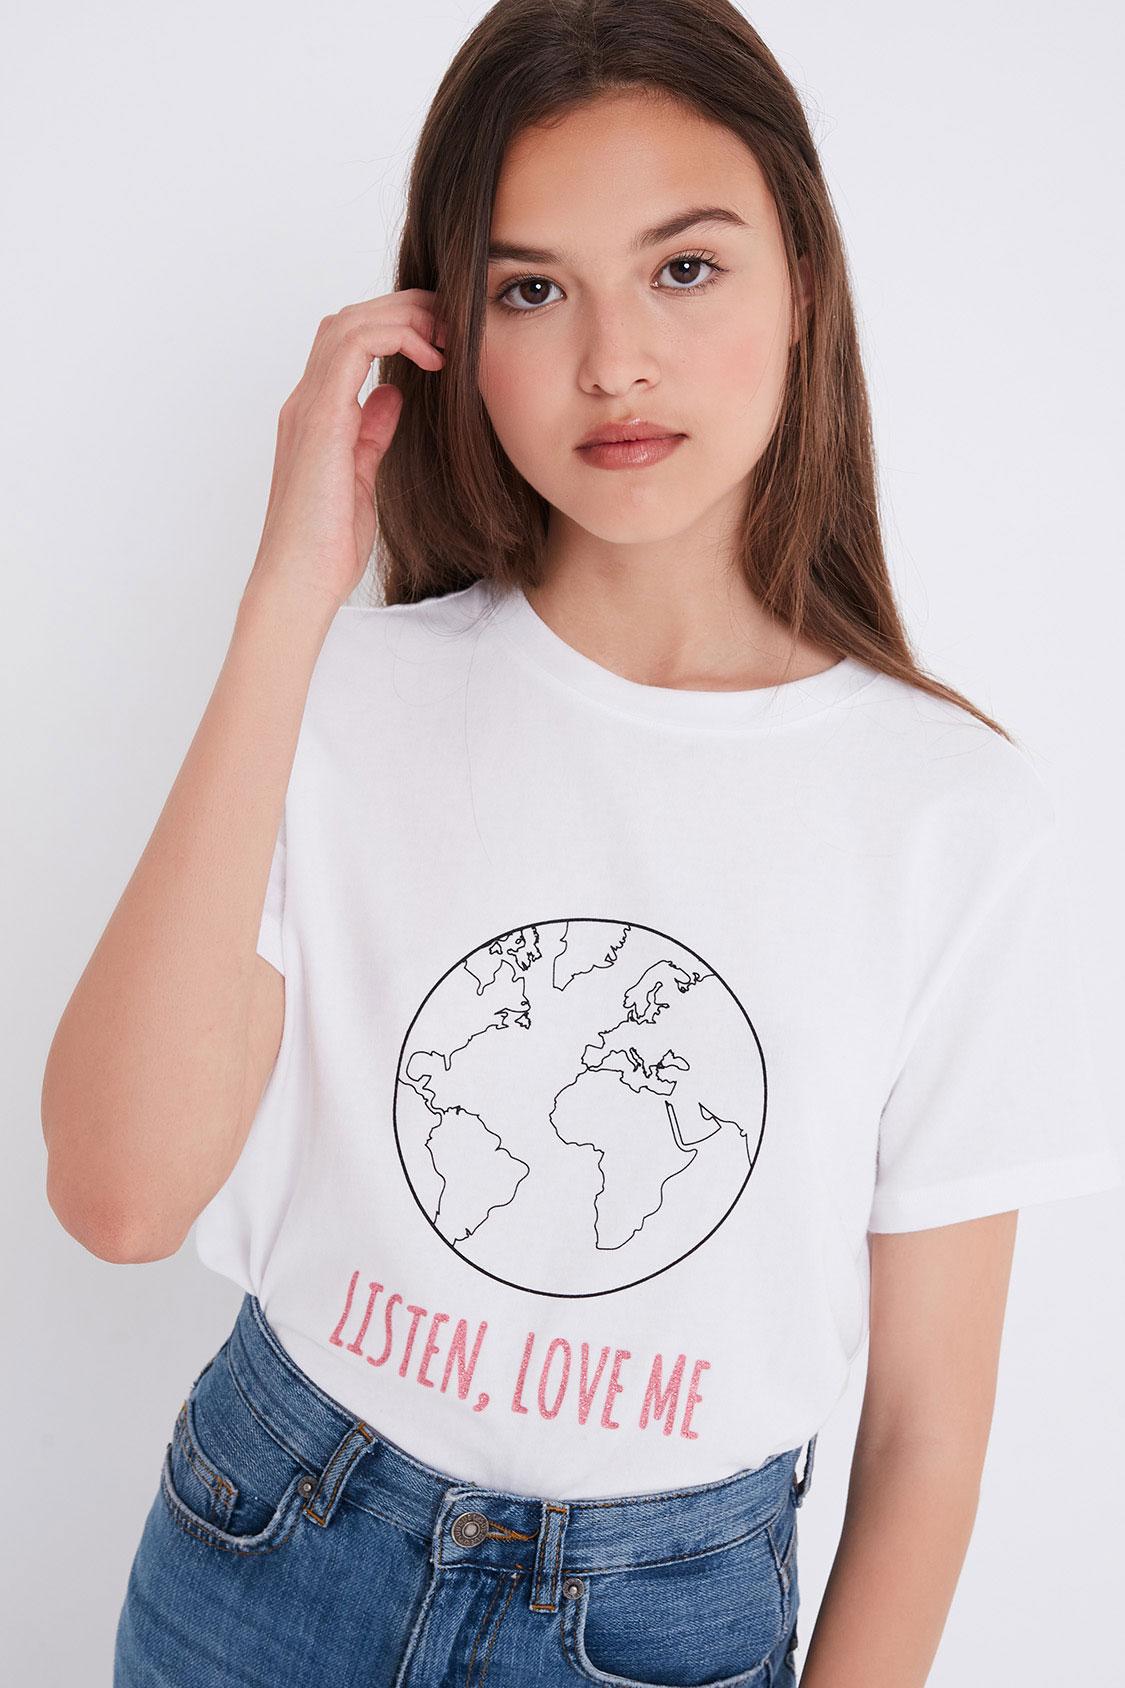 T-shirt Listen, love me